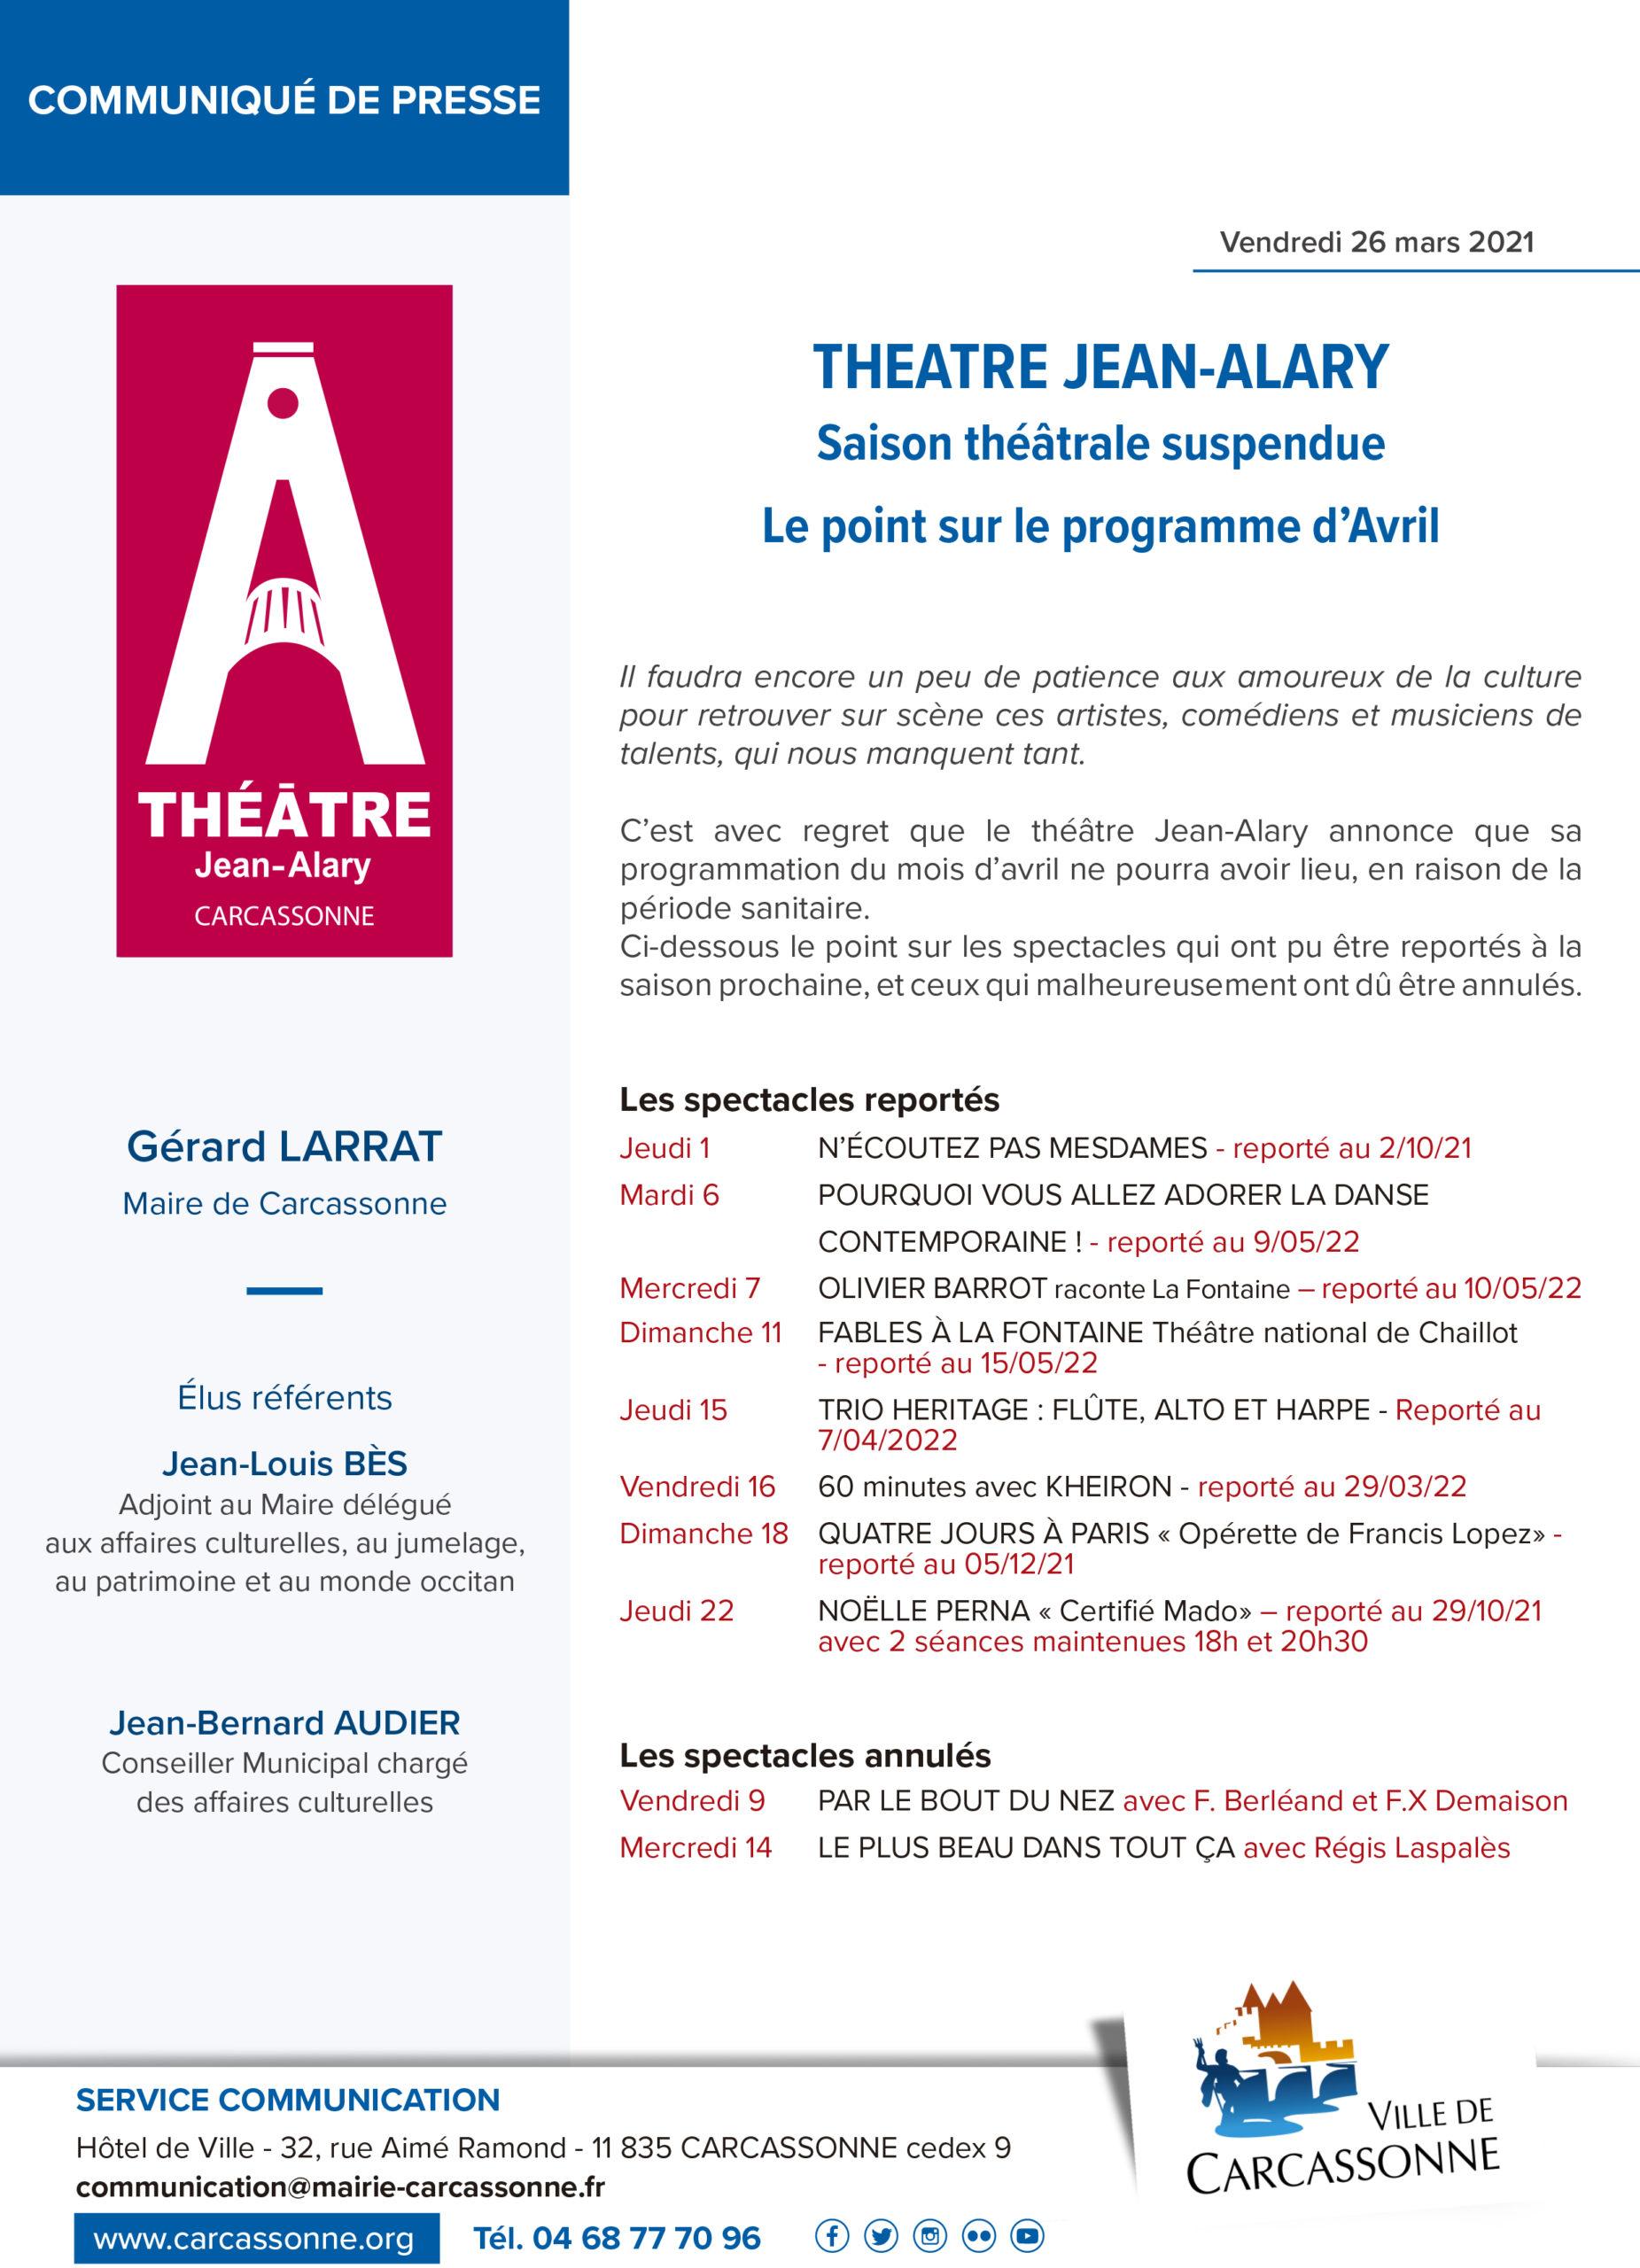 Communiqué de PRESSE : Le point sur les spectacles d'avril au théâtre Jean-Alary de Carcassonne